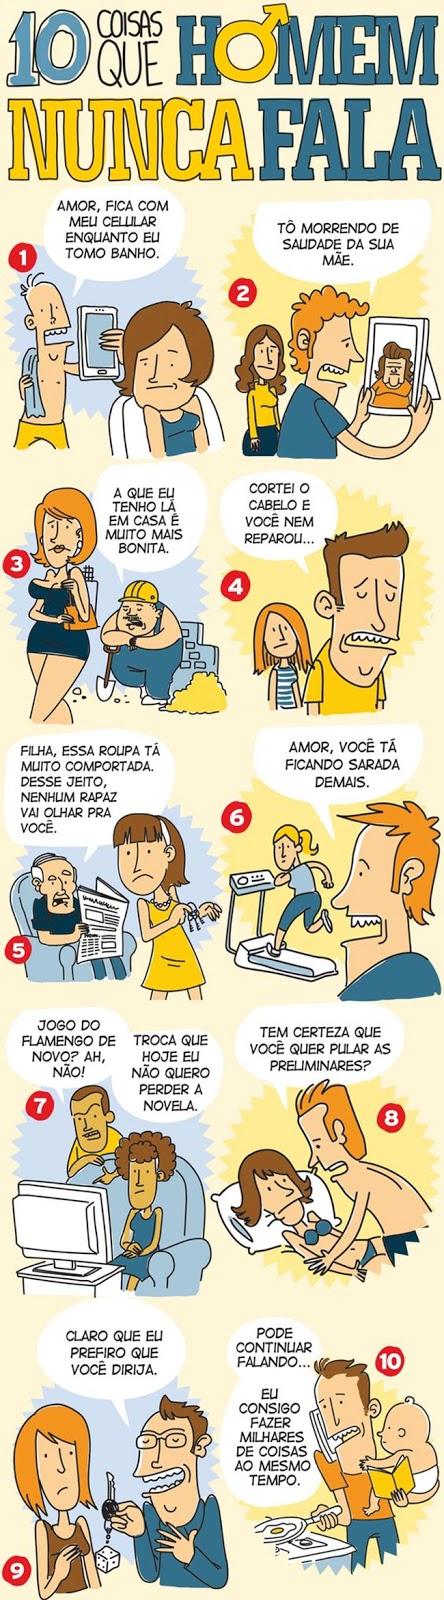 10 coisas que homem nunca fala